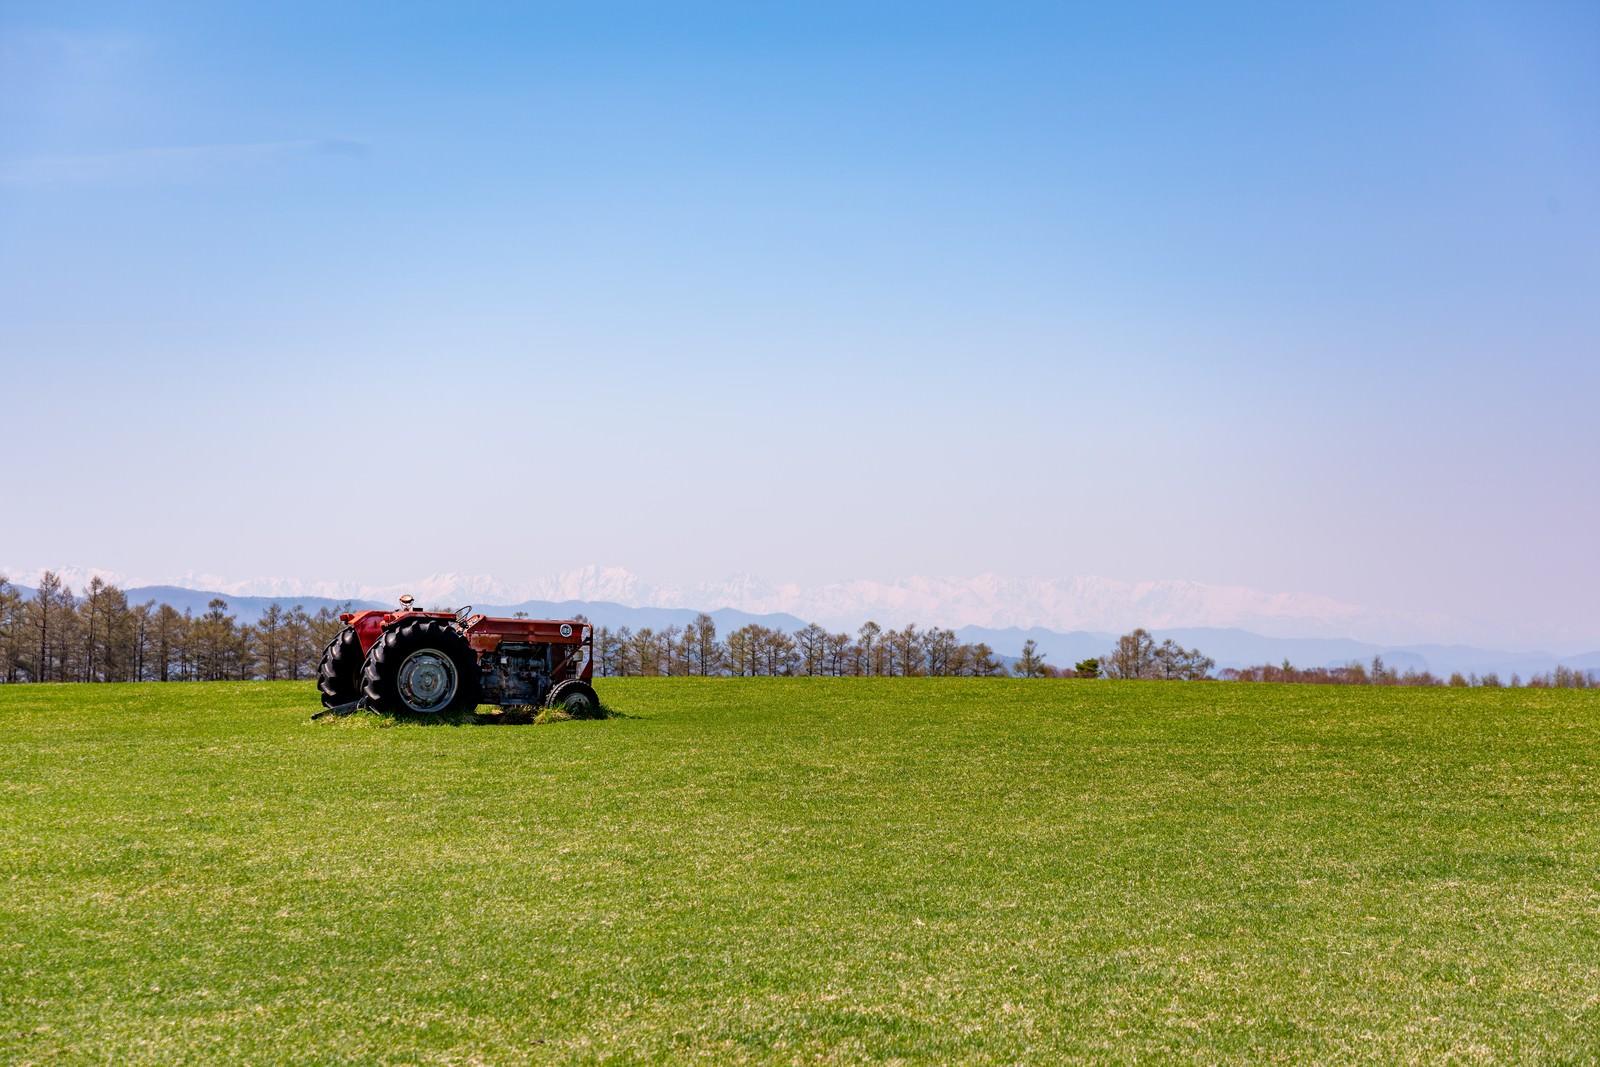 「広大な牧草地とトラクター」の写真